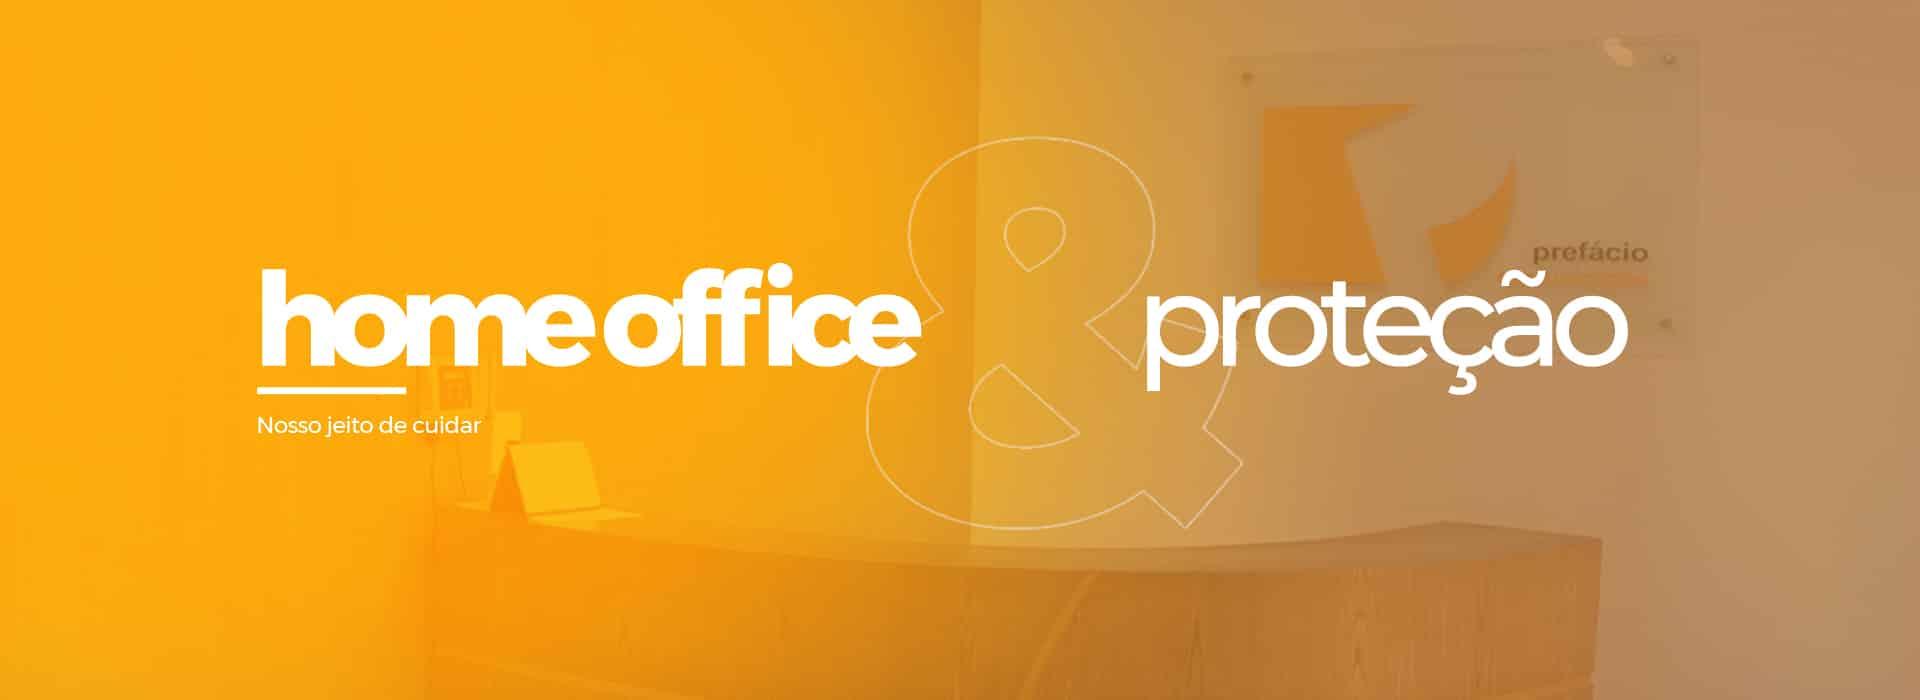 home office & proteção